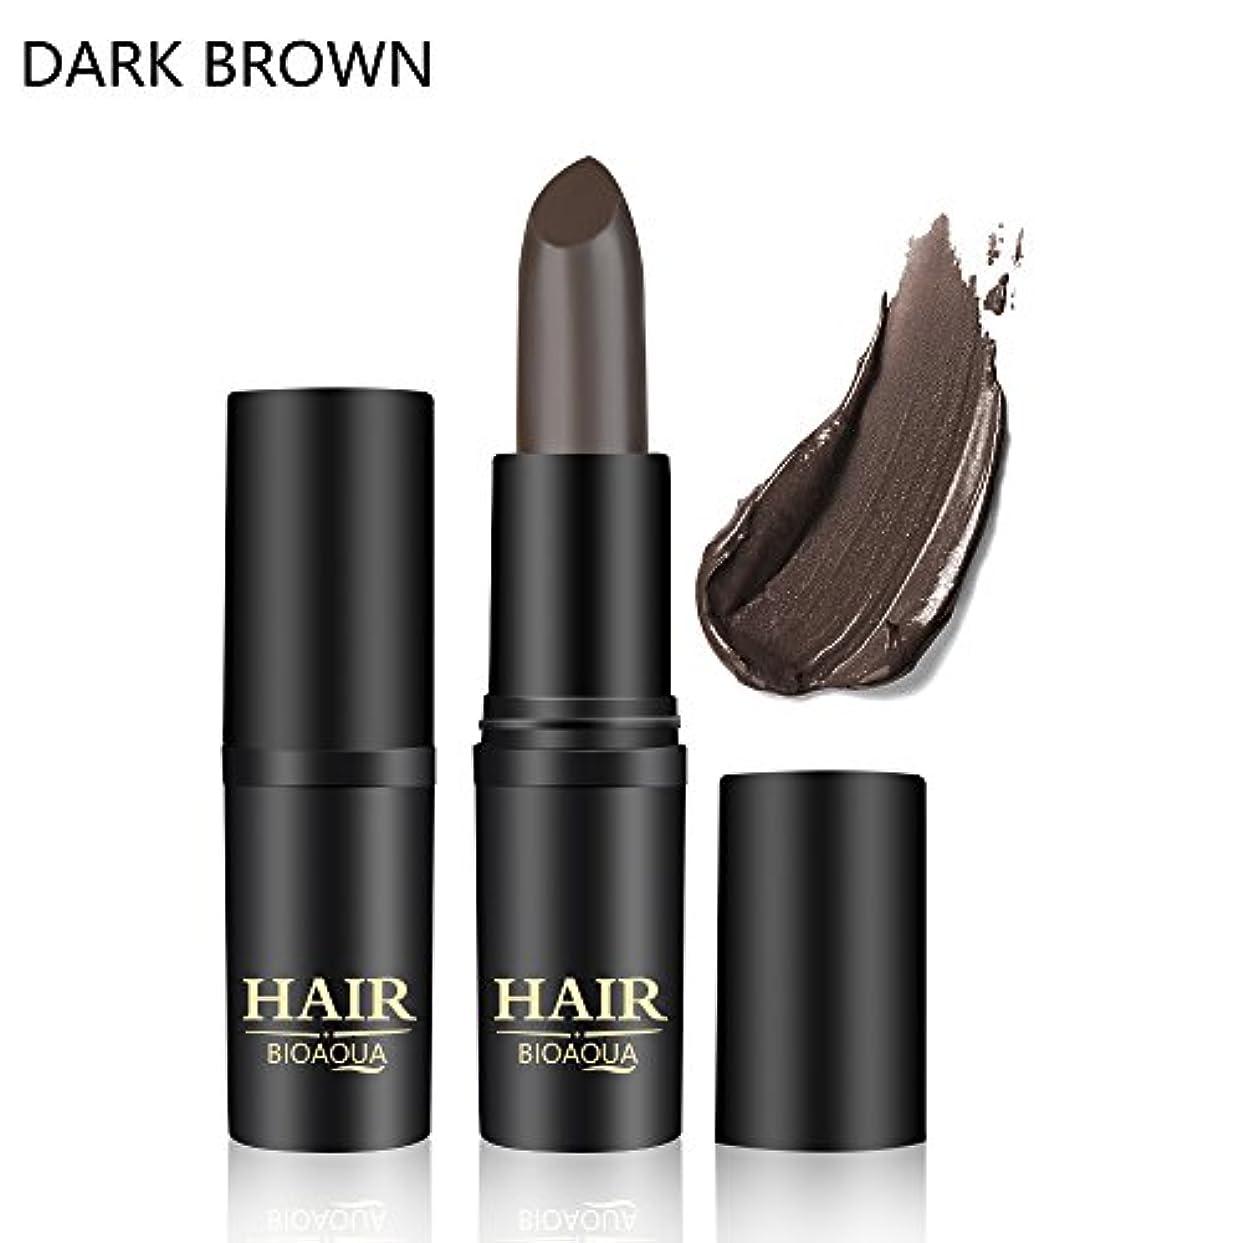 役立つ解凍する、雪解け、霜解け気球[BROWN] 1PC Temporary Hair Dye Cream Mild Fast One-off Hair Color Stick Pen Cover White Hair DIY Styling Makeup...